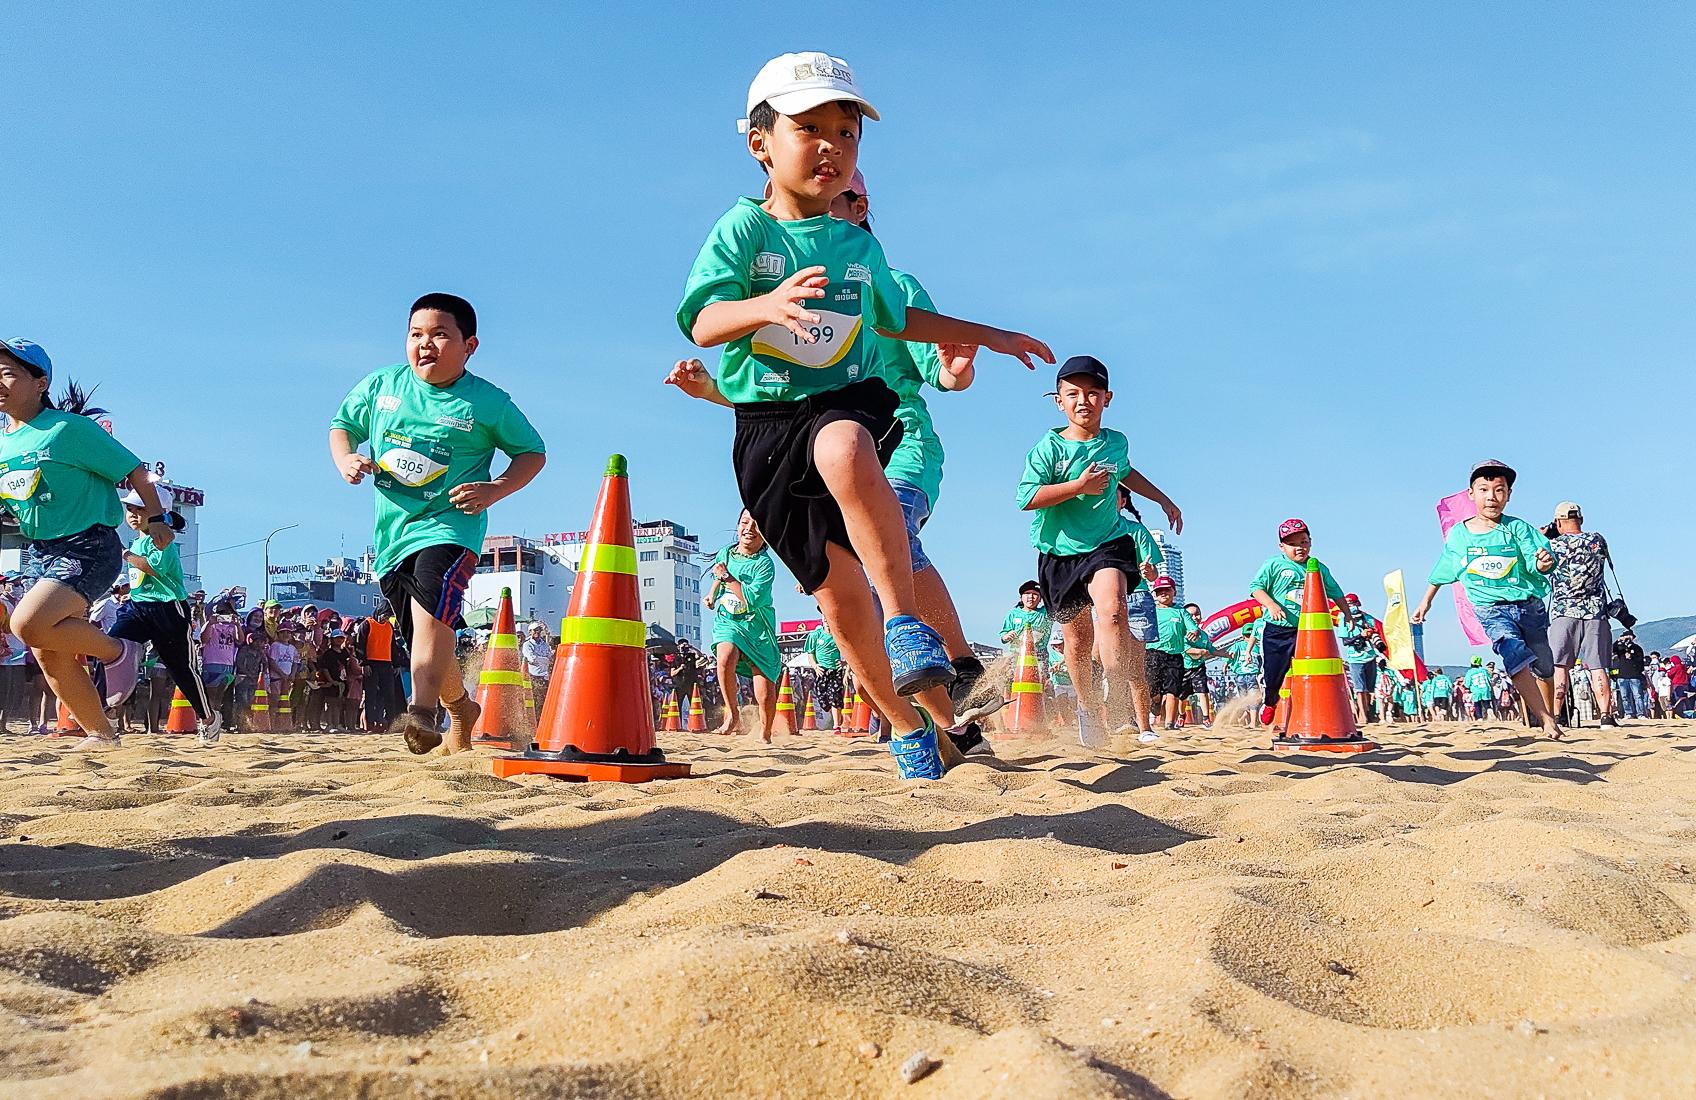 The children attended the Quy Nhon Kun Marathon last year.  Photo: VnExpress Marathon.